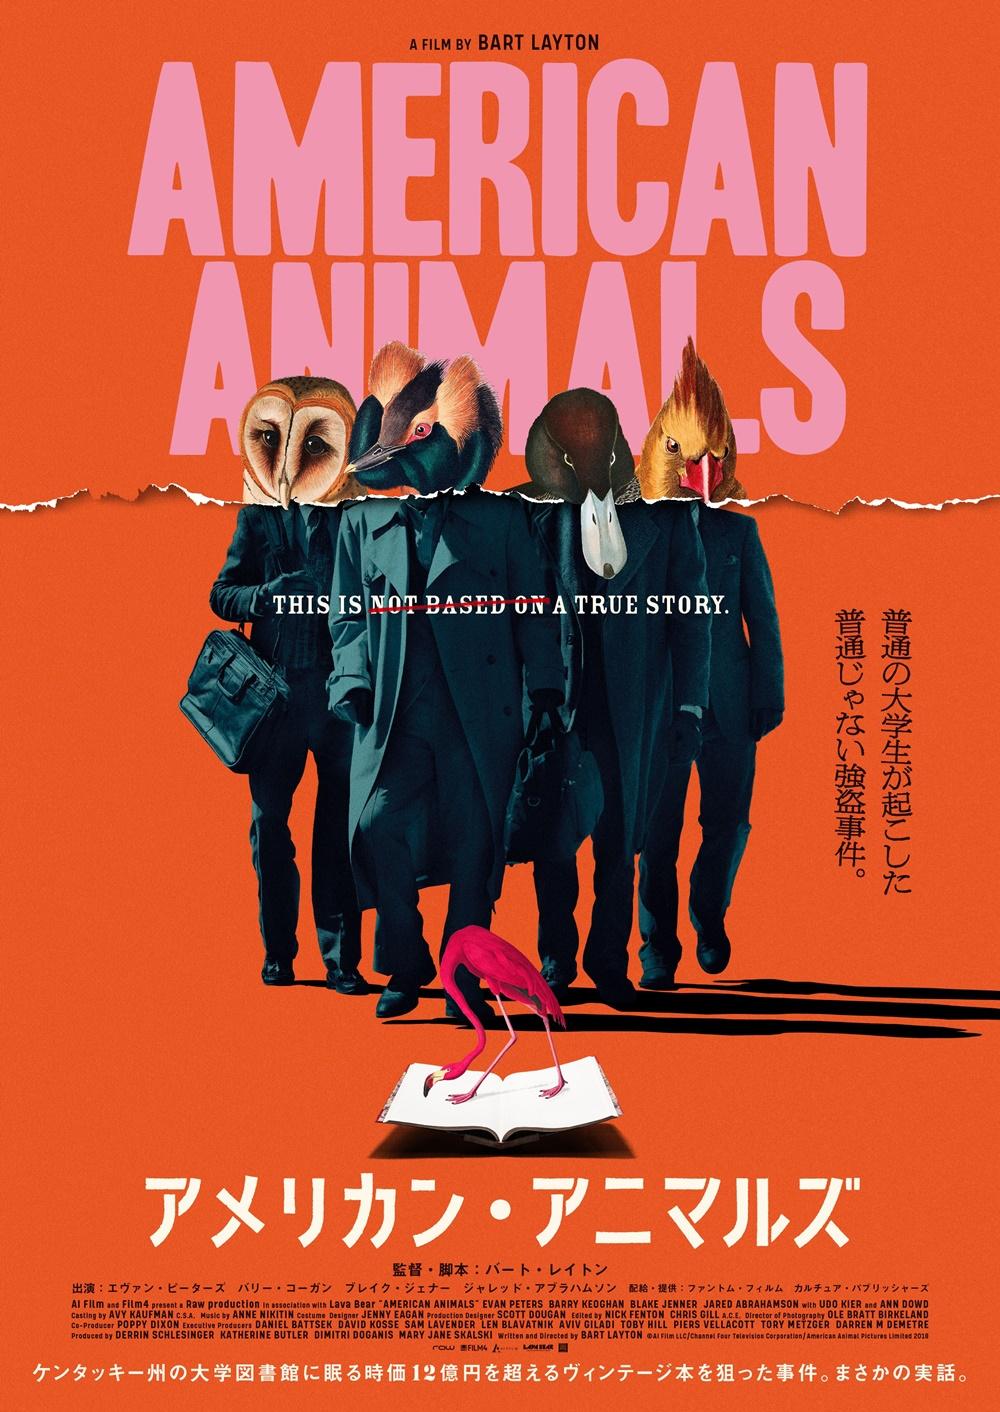 【画像】映画『アメリカン・アニマルズ』(American Animals) ポスタービジュアル